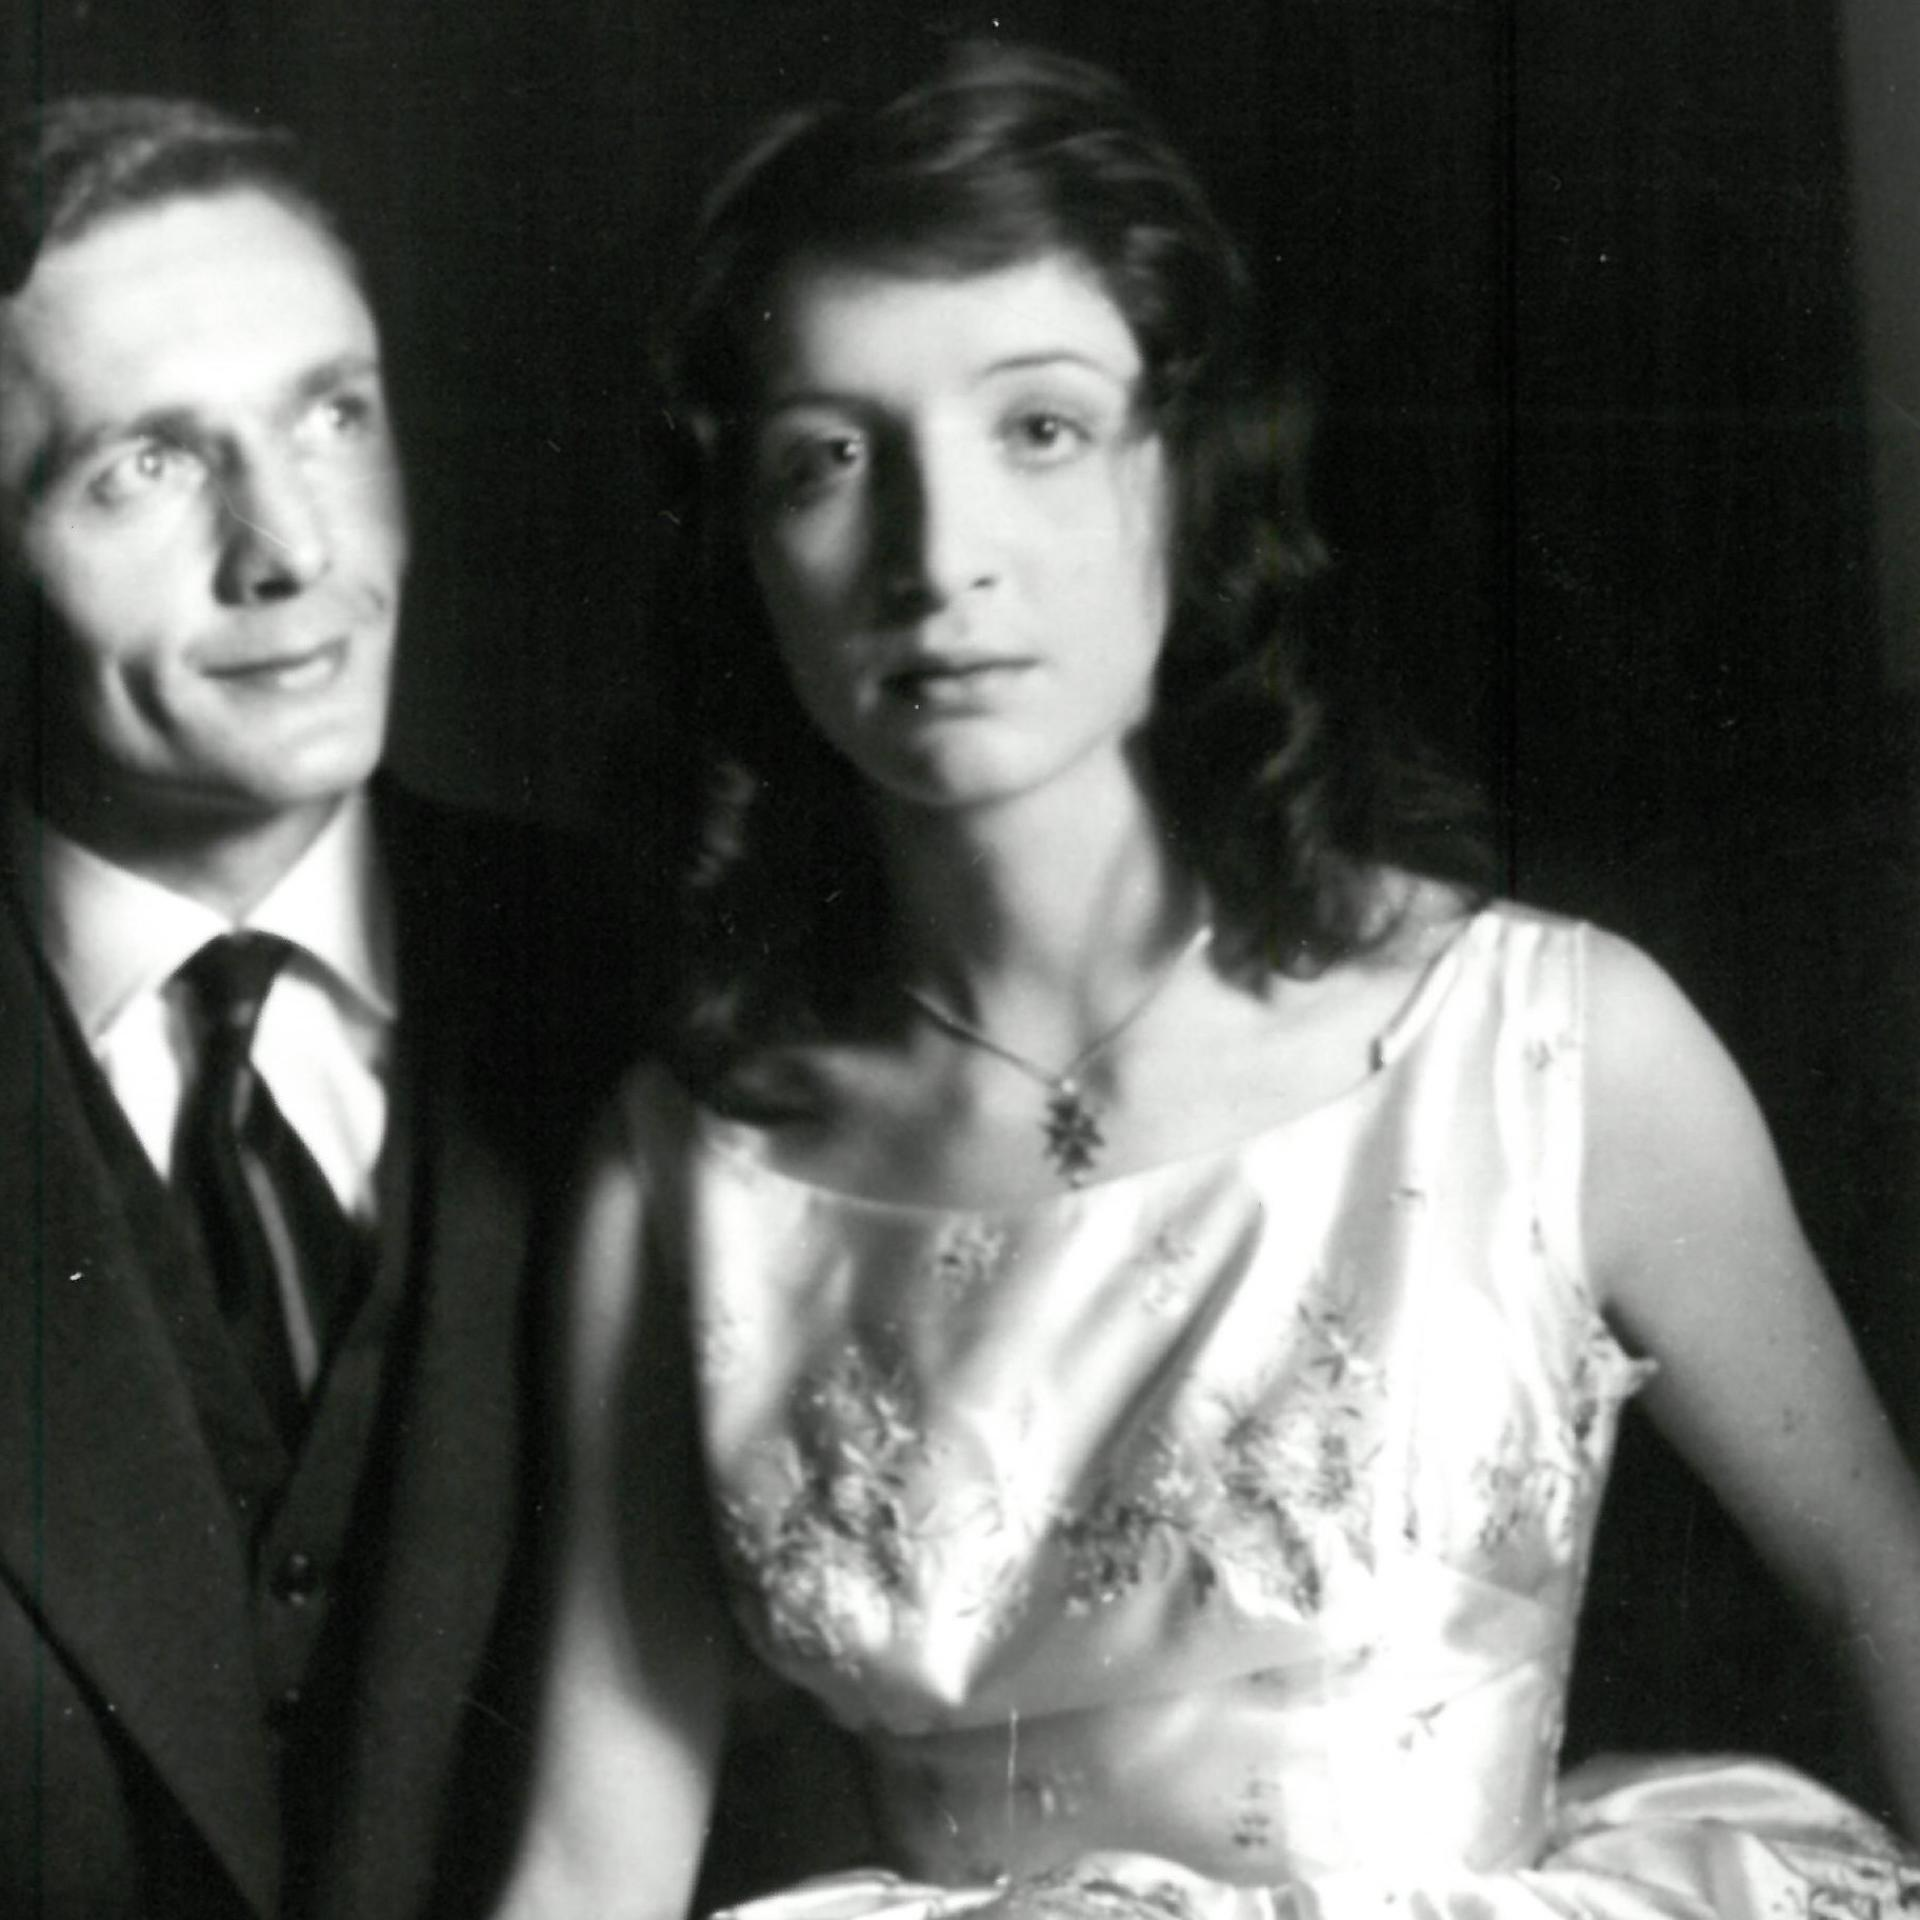 Gabrielle Russier et Michel Nogues, le jour de leur mariage, à Paris, le 8 février 1958.